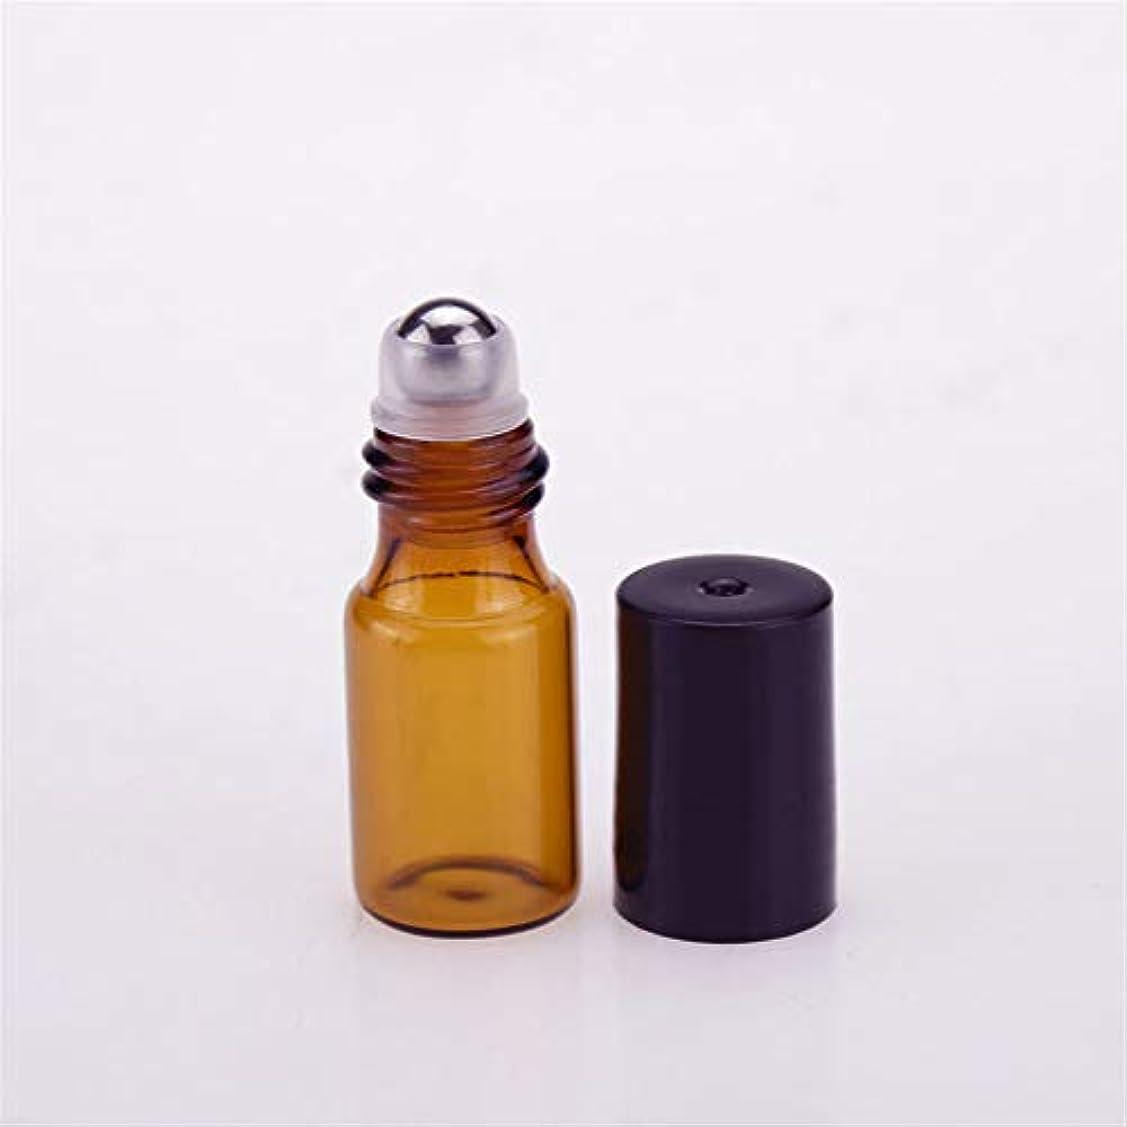 ファシズム罰する説明的遮光瓶 ロールオンボトル 詰め替えボトル ガラスロールタイプ アロマオイル瓶 香水 精油 小分け アロマボトル 保存容器 茶色3ml 12本セット(プラスチックスポイト2本+漏斗2個+デルタオープナー1個付き)